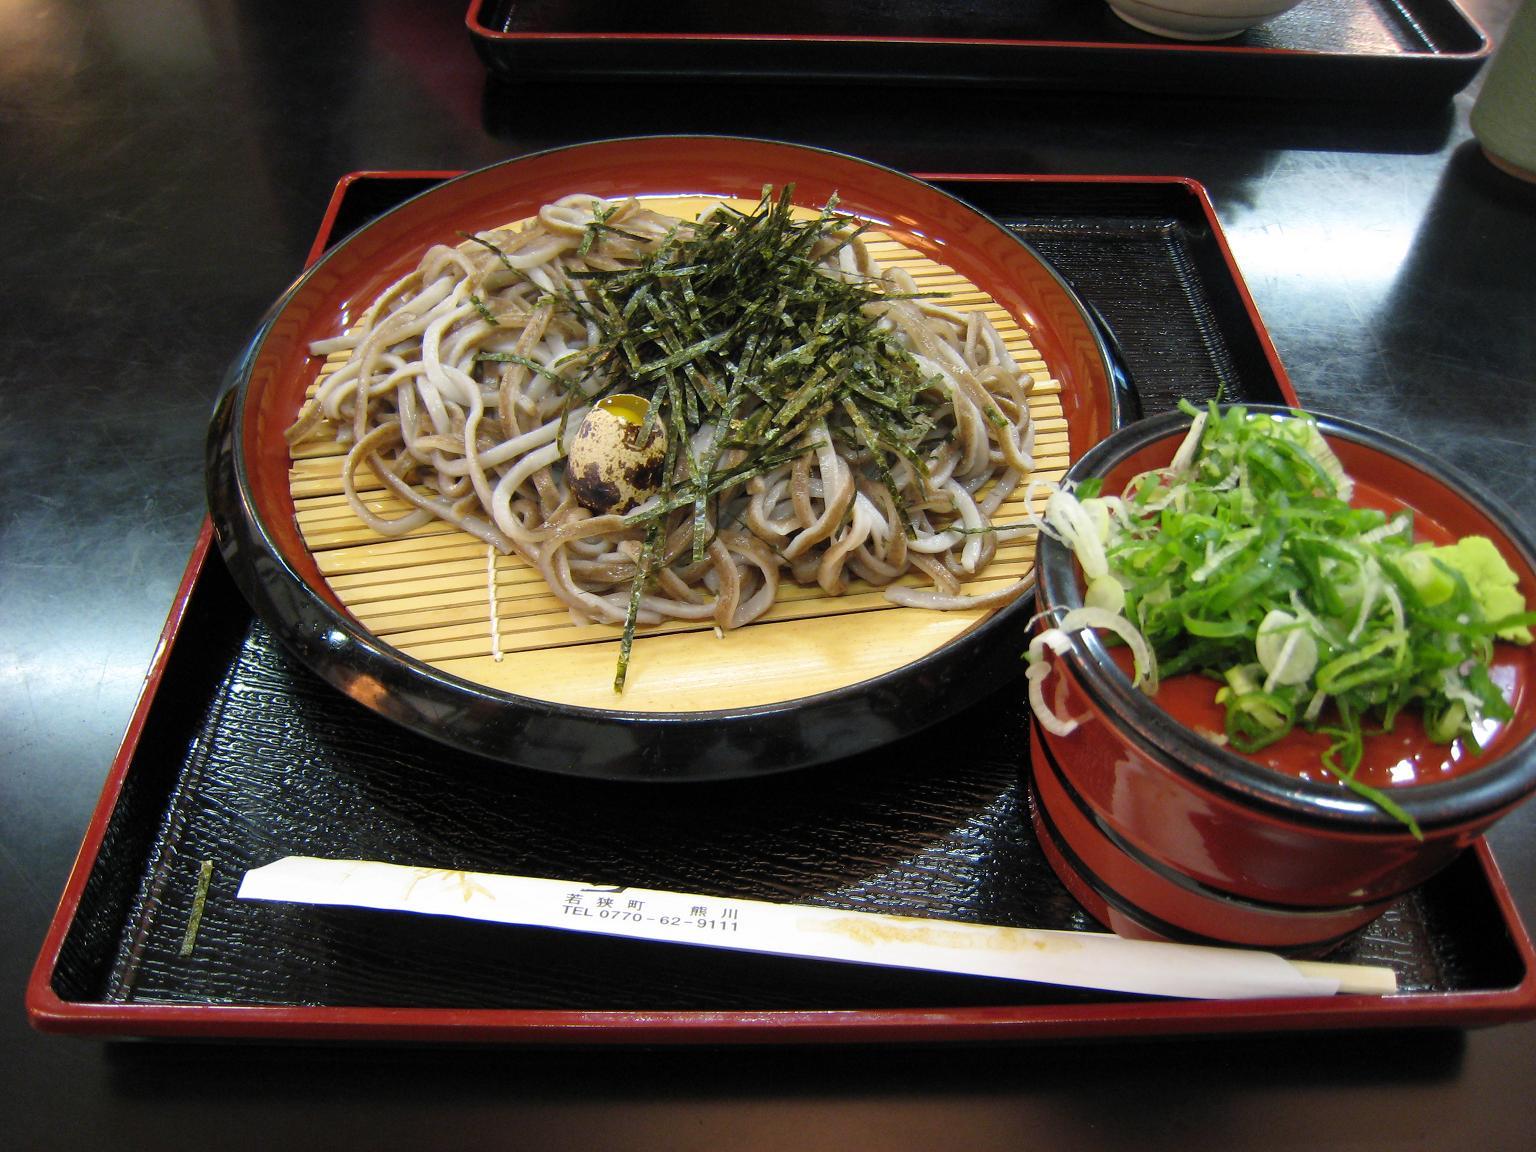 たまに行くならこんな店 うそばと呼ばれるうどんとそばが表裏一体になった珍メニューが食せる「四季彩館」は道の駅若狭熊川宿の中にあります